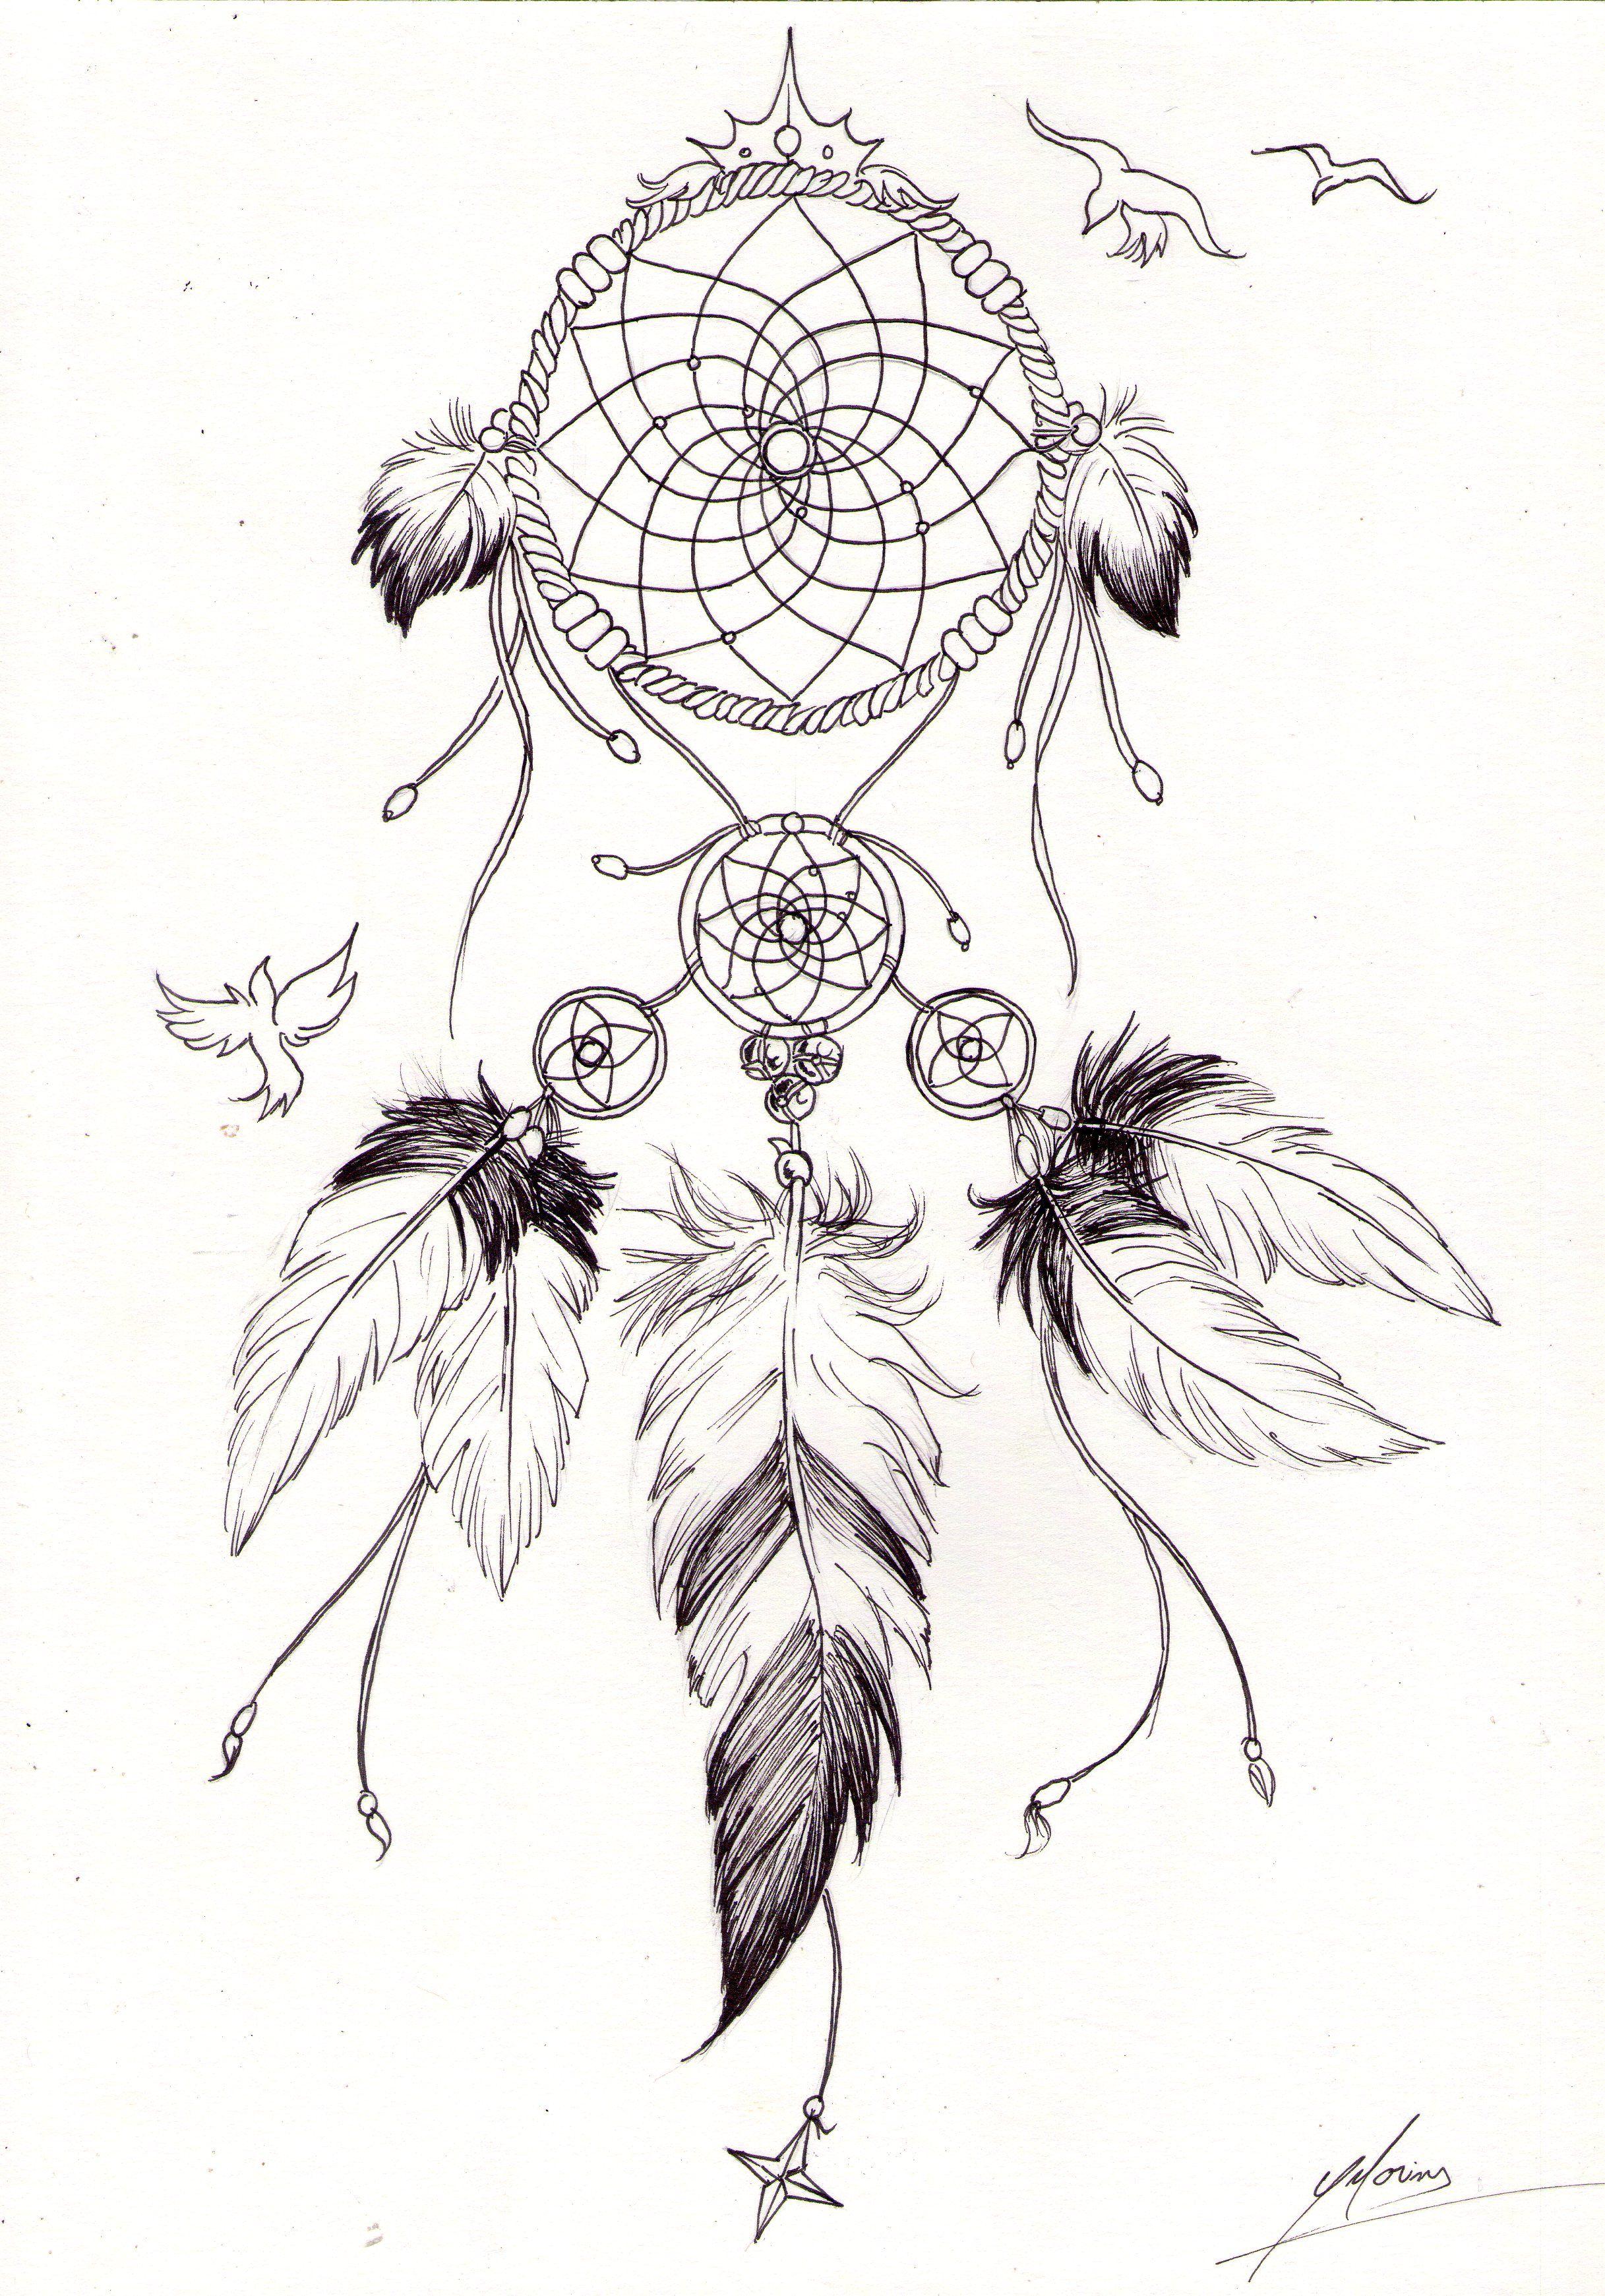 imagens de filtro dos sonhos desenho - Pesquisa Google | Encaje ...